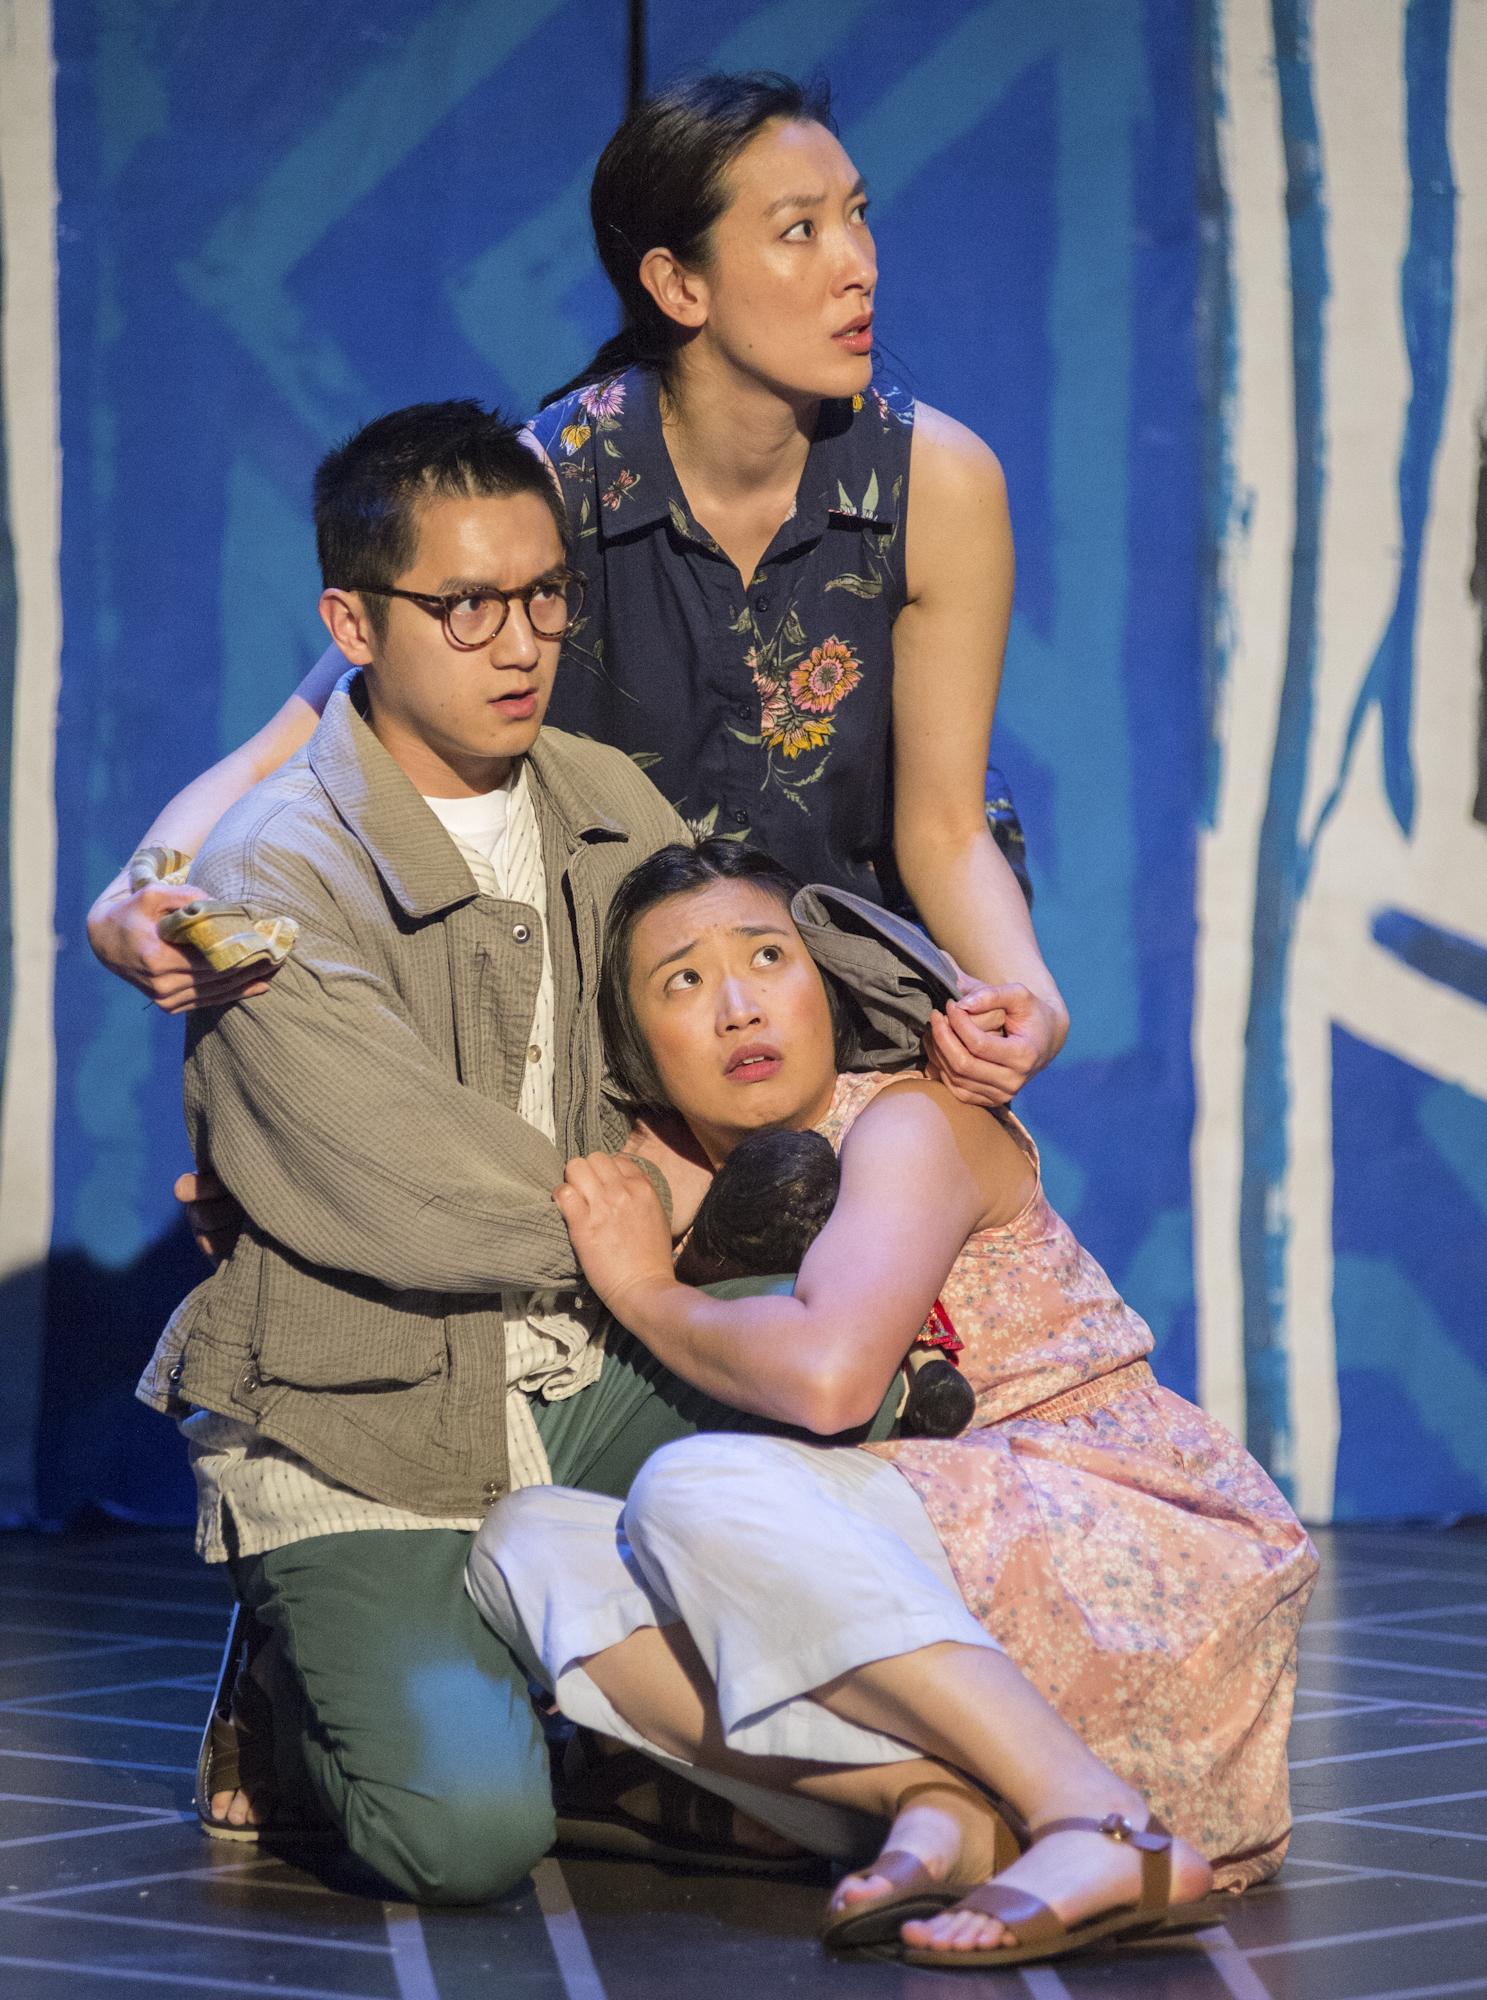 Top to Bottom: Kathryn Han, Benjamin Nguyen, Krystle Piamonte